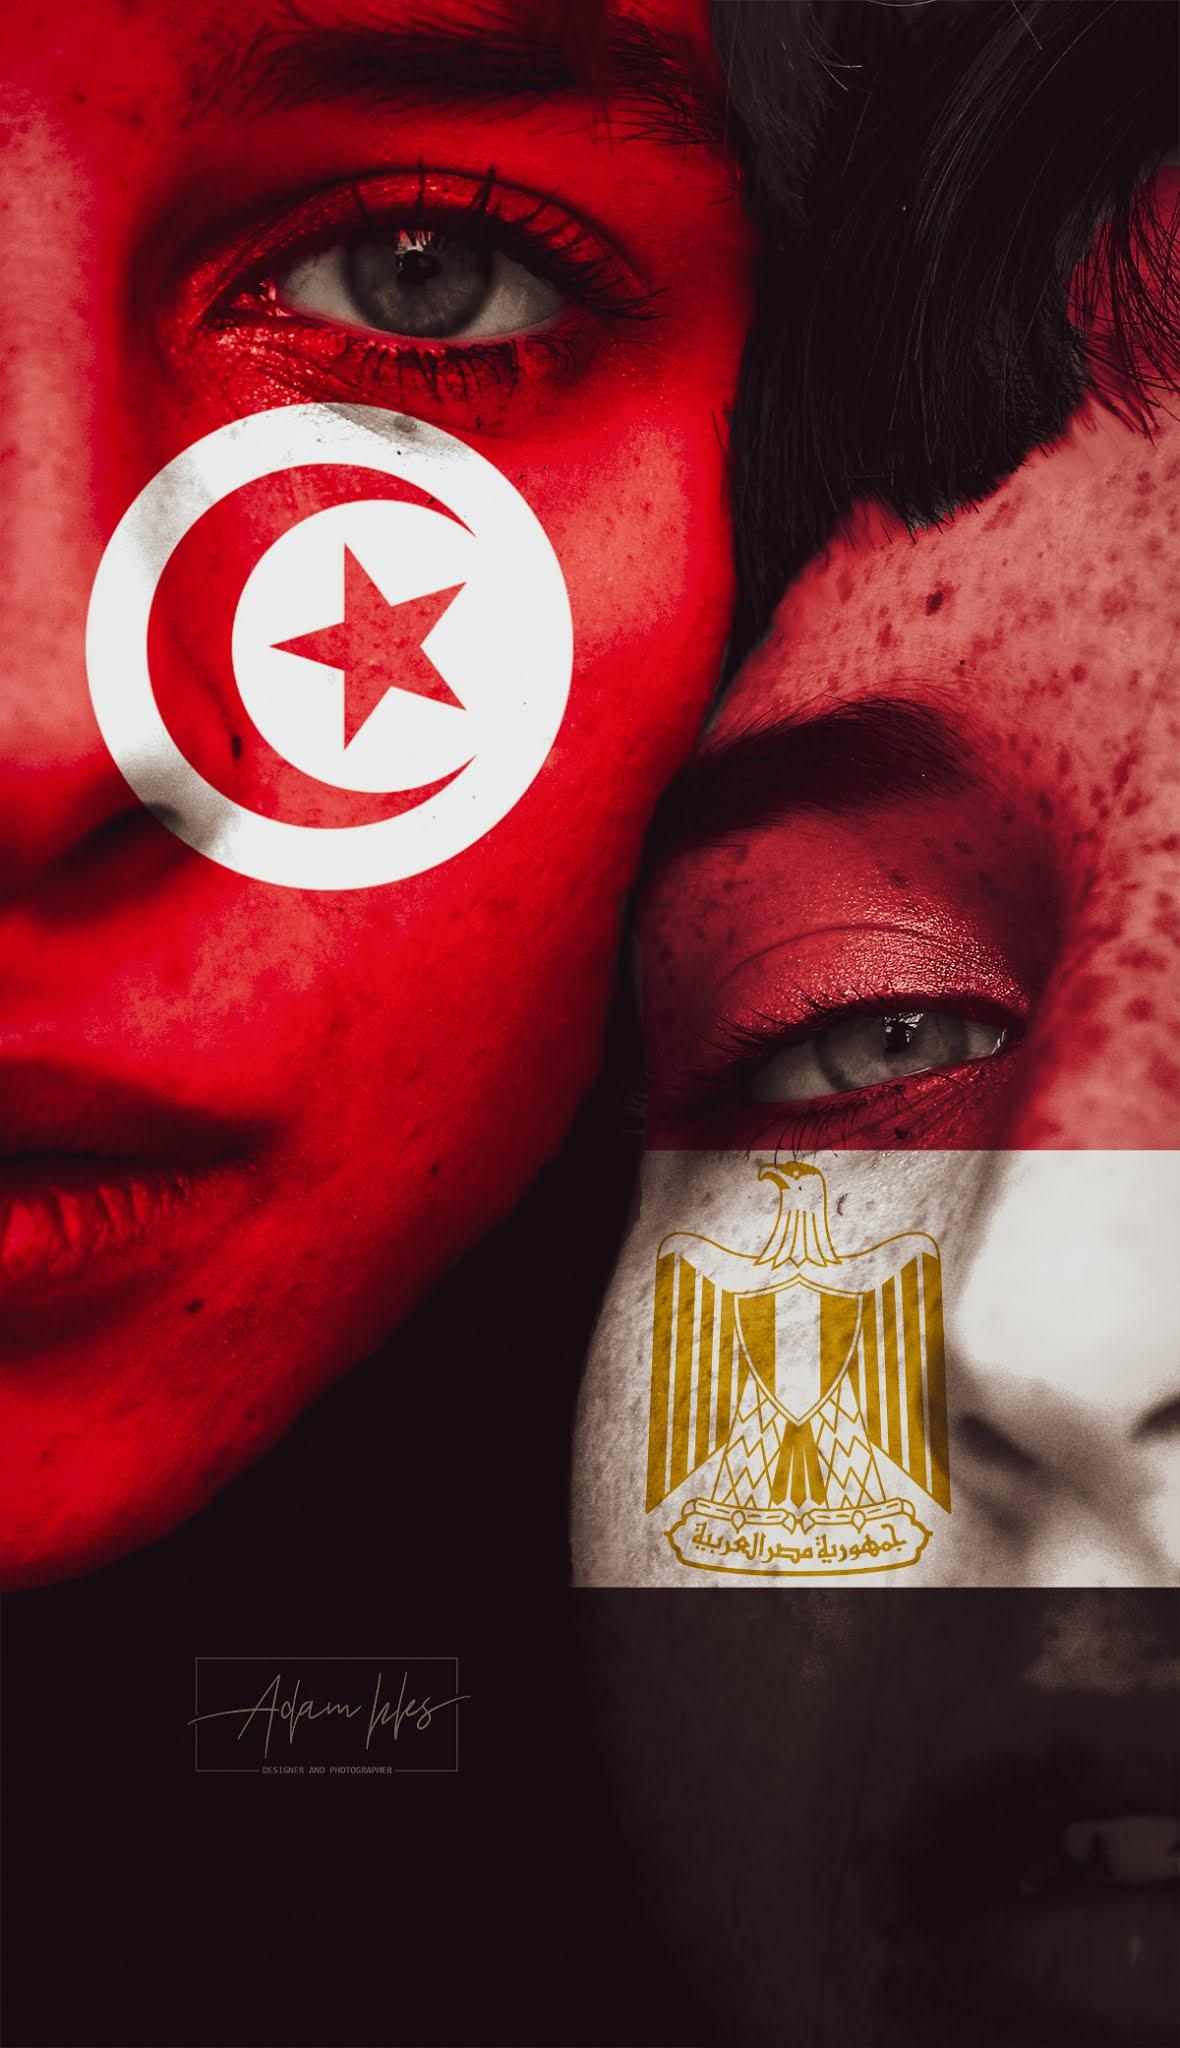 اجمل خلفية تونس ومصر خلفيات علم تونس ومصر على الوجه بجودة عالية